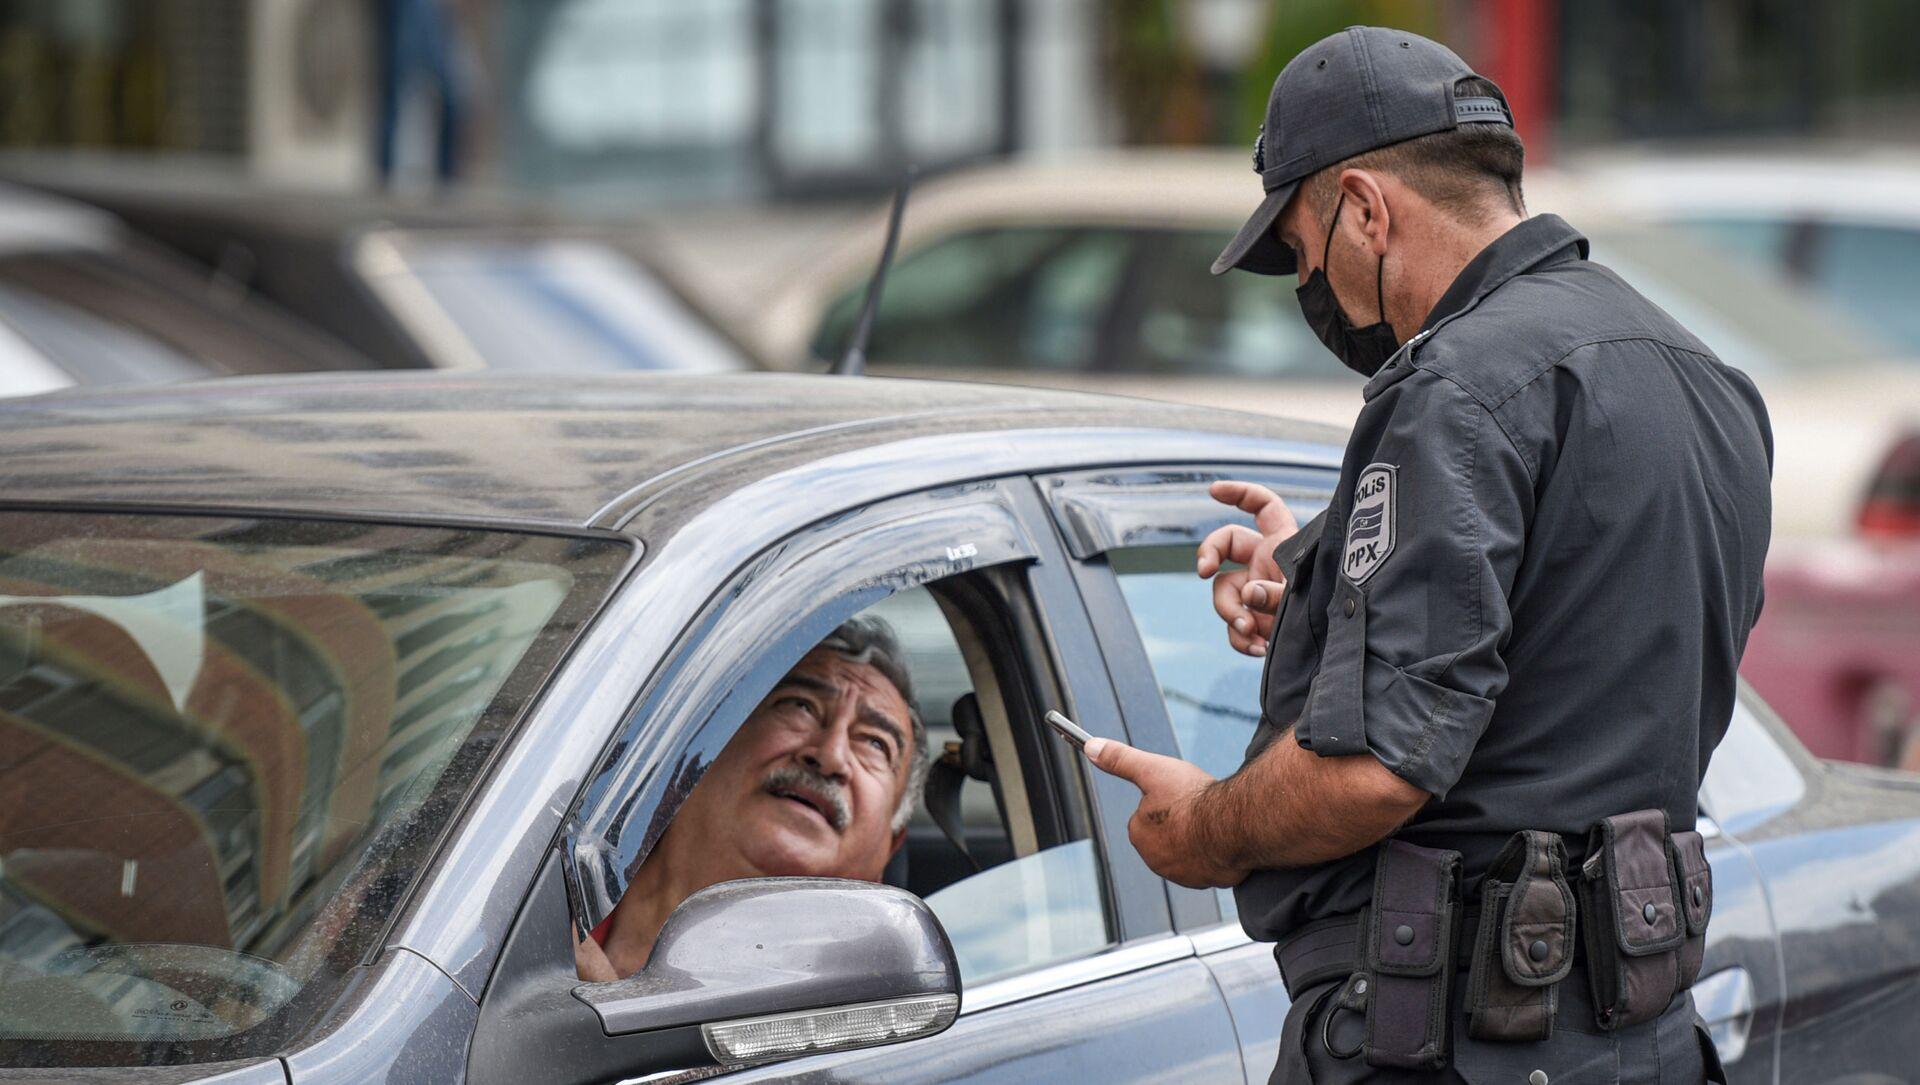 Сотрудник полиции проверяет разрешение водителя для выходы на улицу - Sputnik Азербайджан, 1920, 23.09.2021